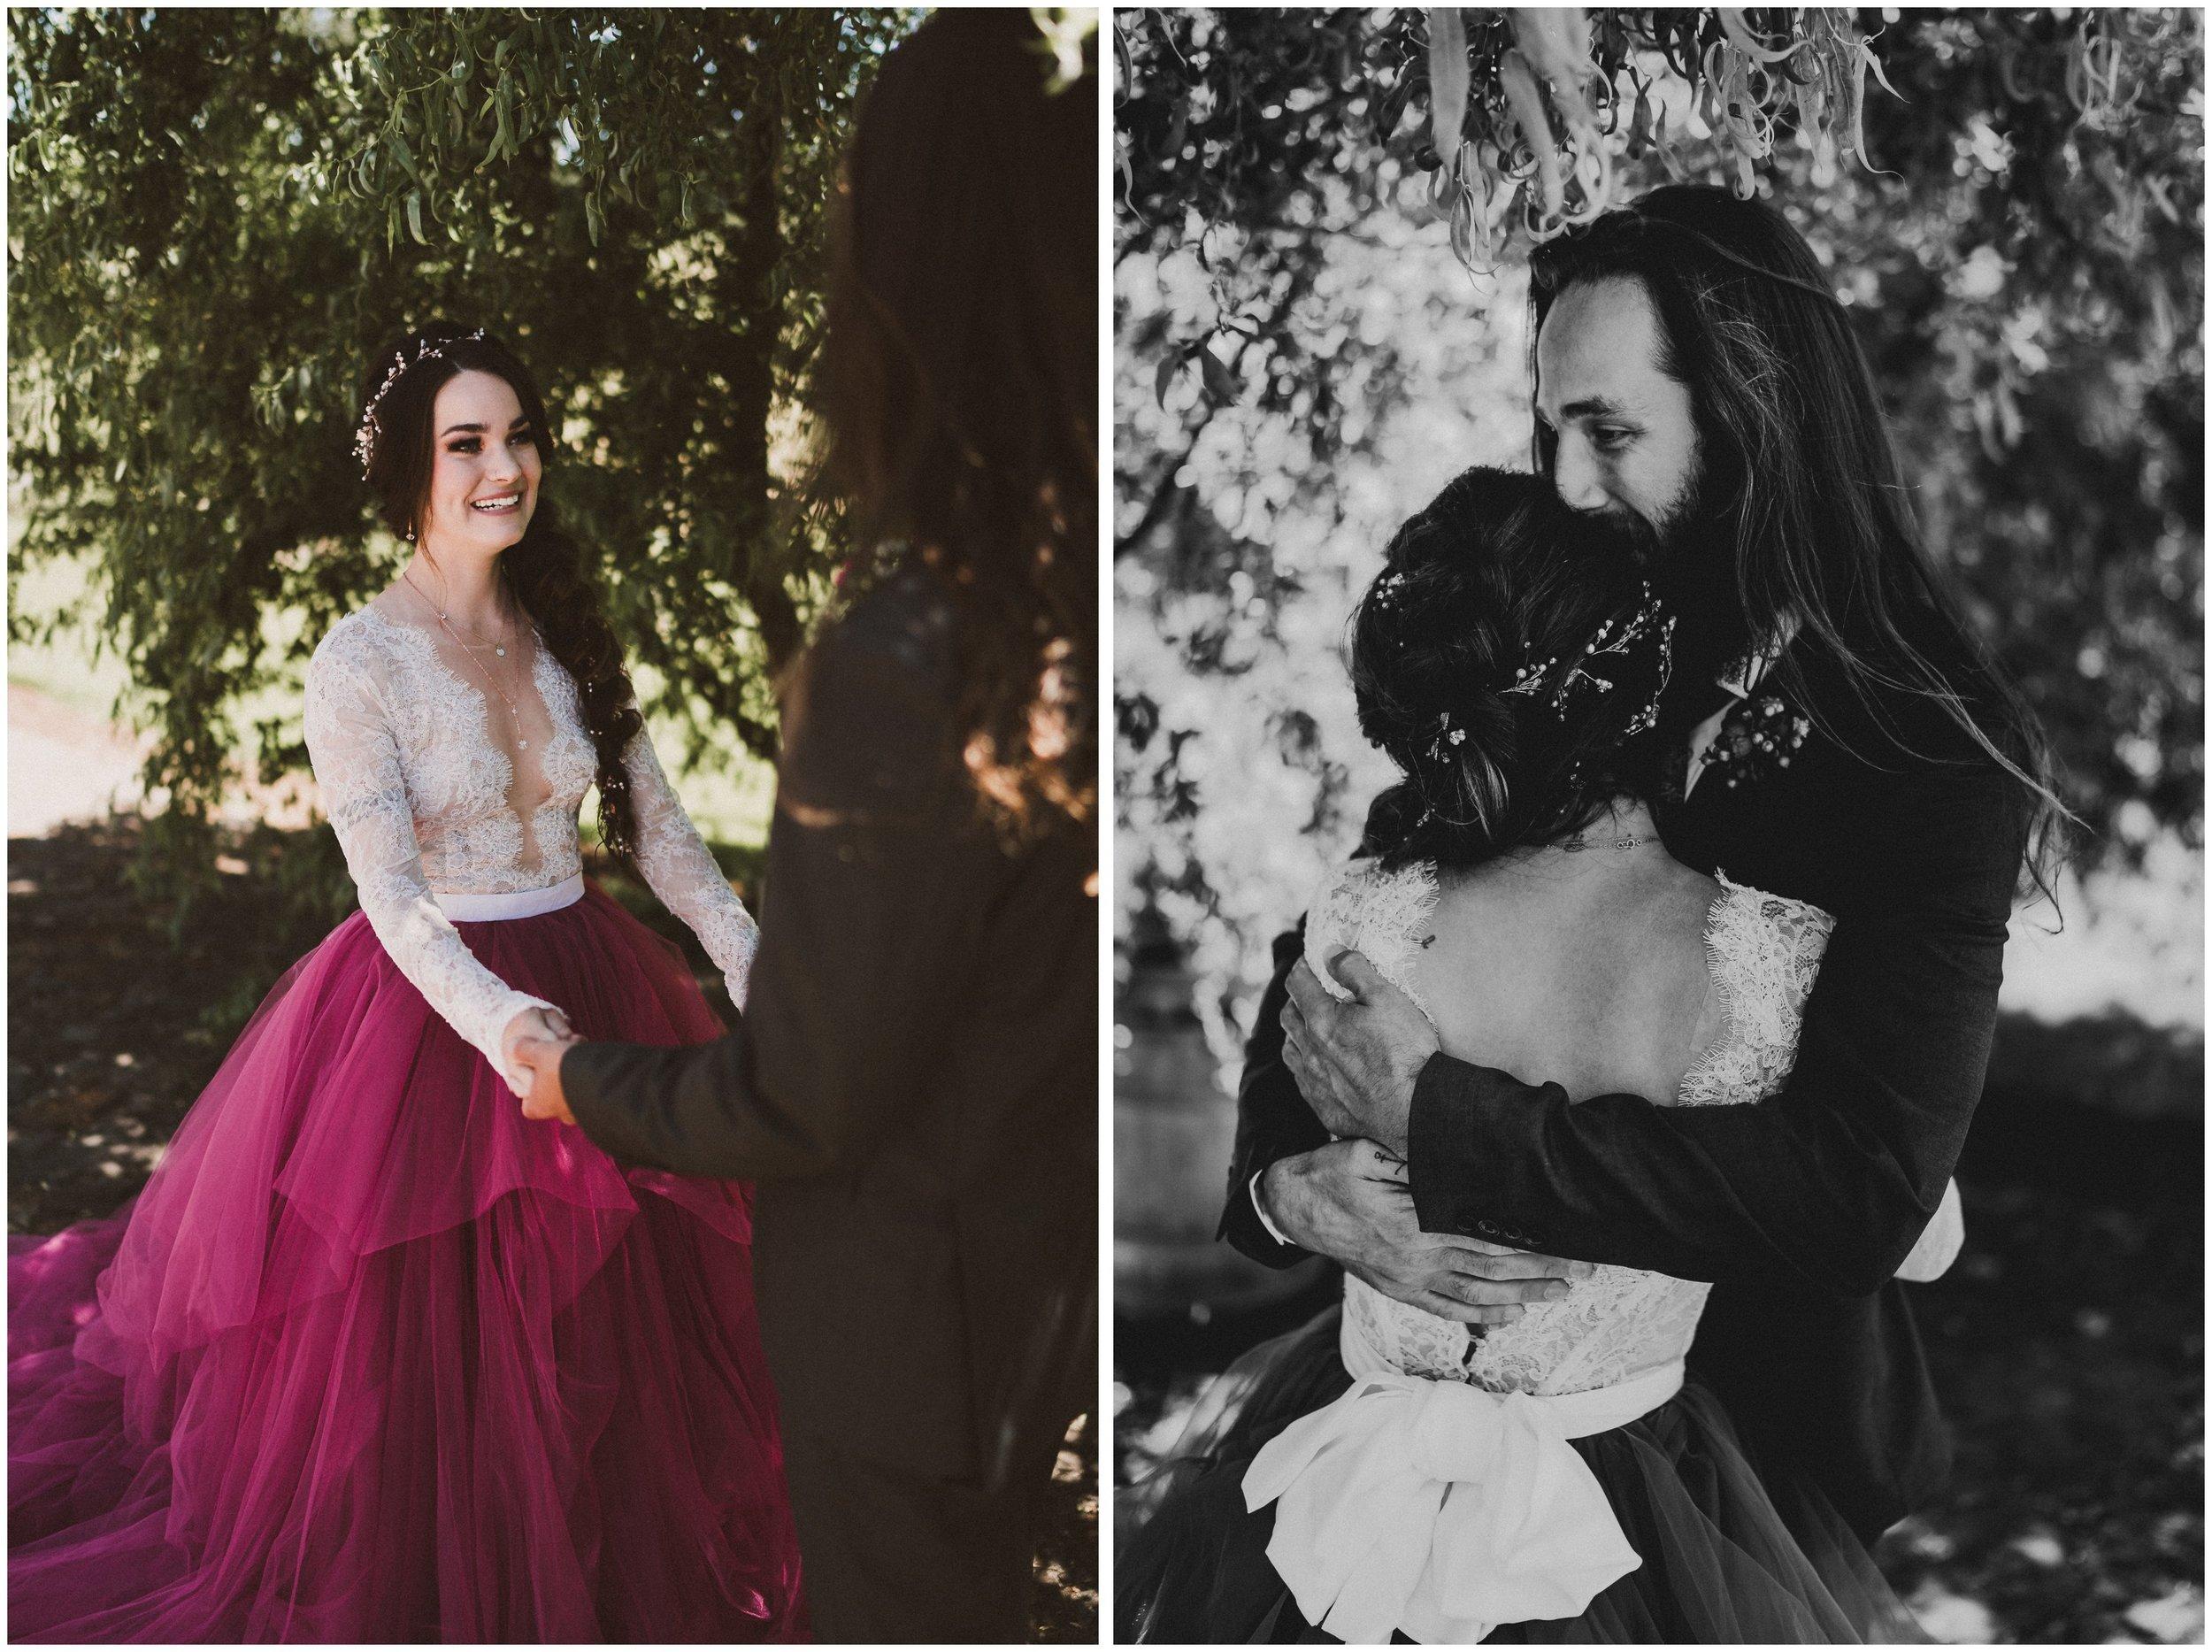 TONY-GAMBINO-PHOTOGRAPHY-BEND-OREGON-WEDDING-SHOOT-000_1515.jpg